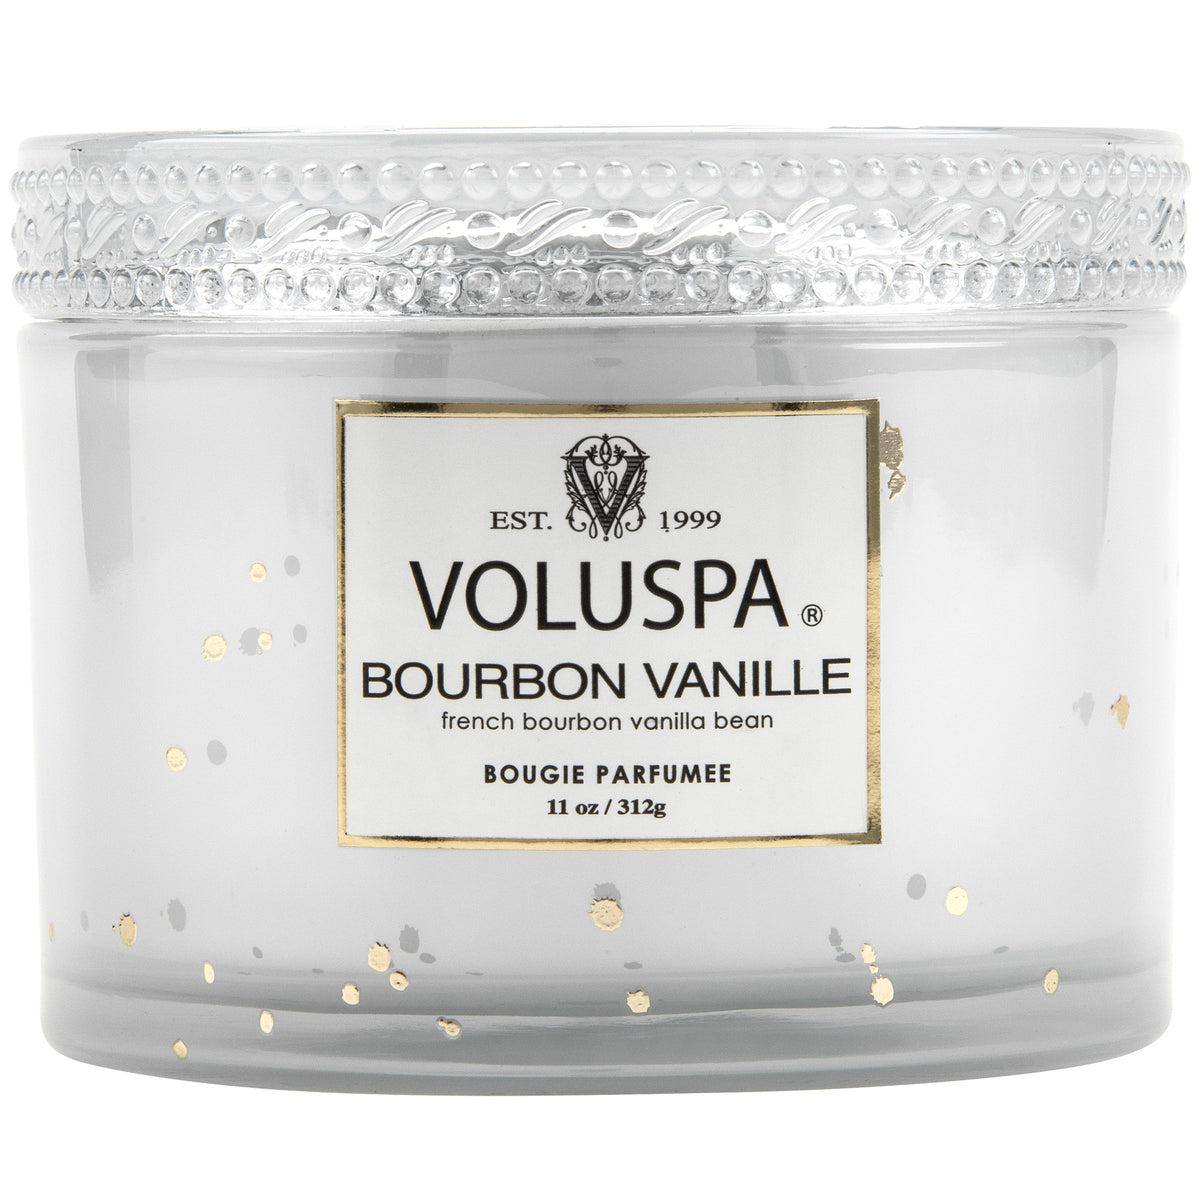 VOLUSPA - Corta Maison Candle